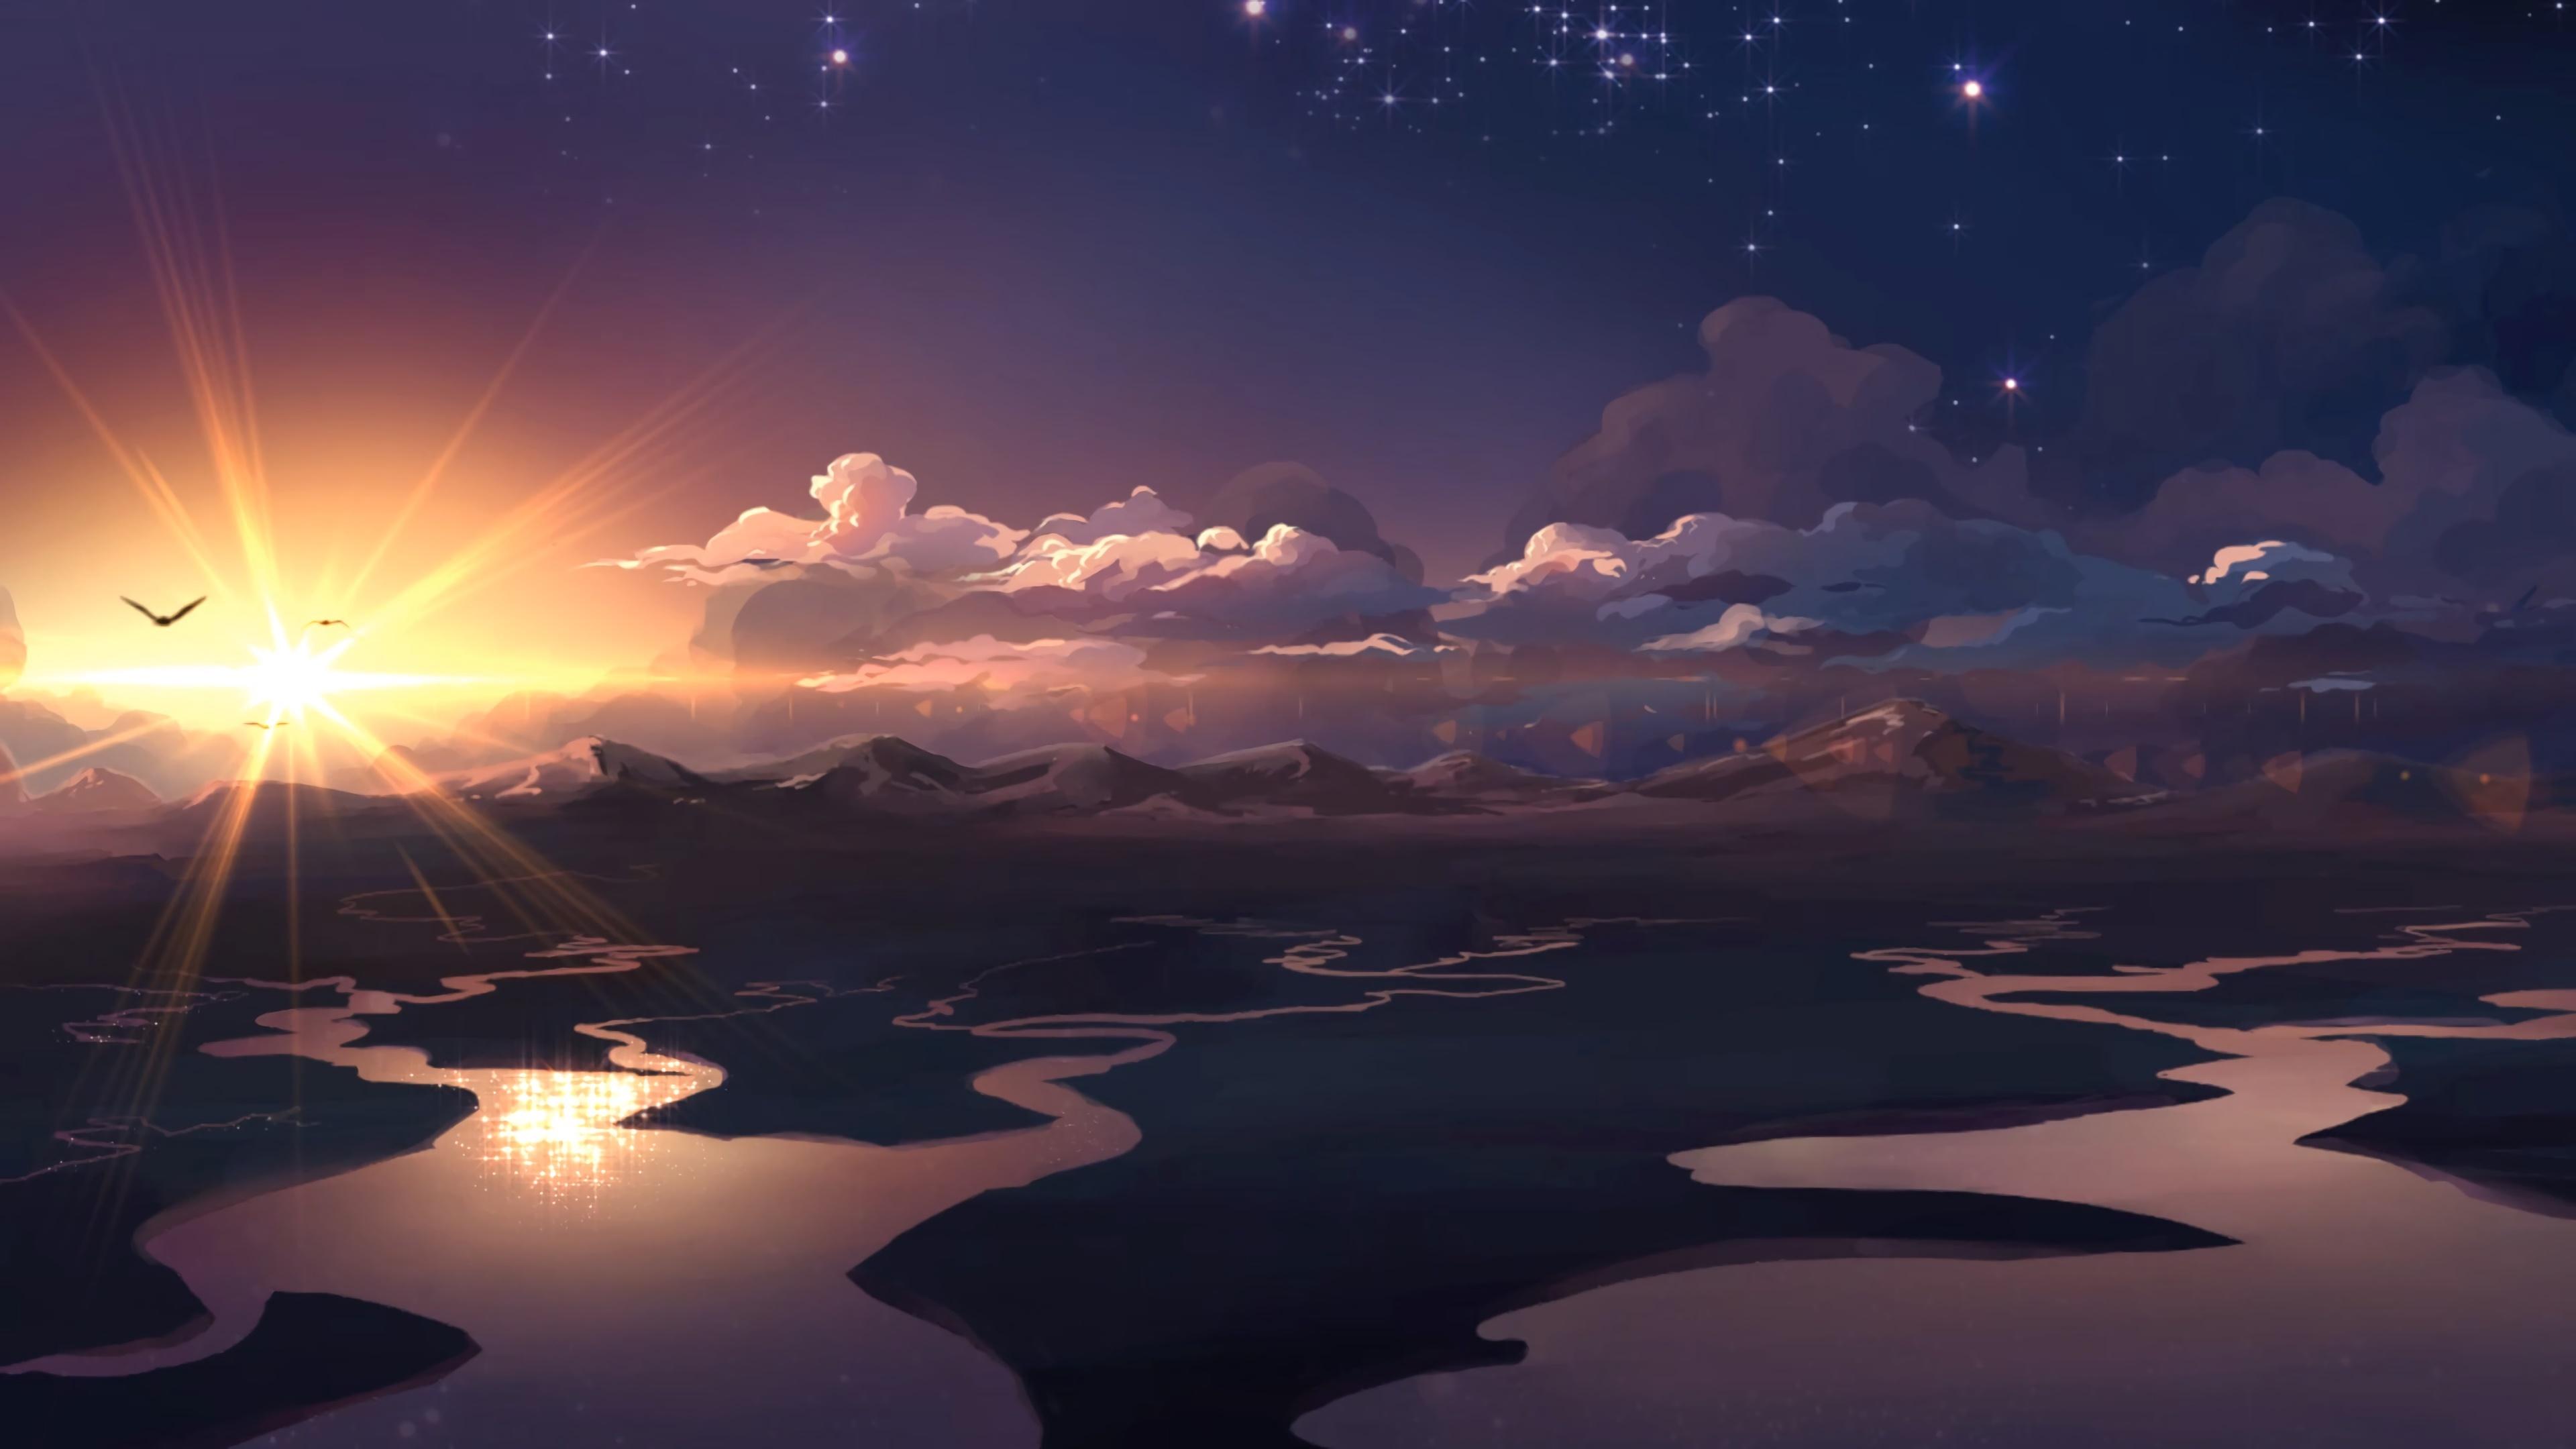 Sunset - Anime art wallpaper